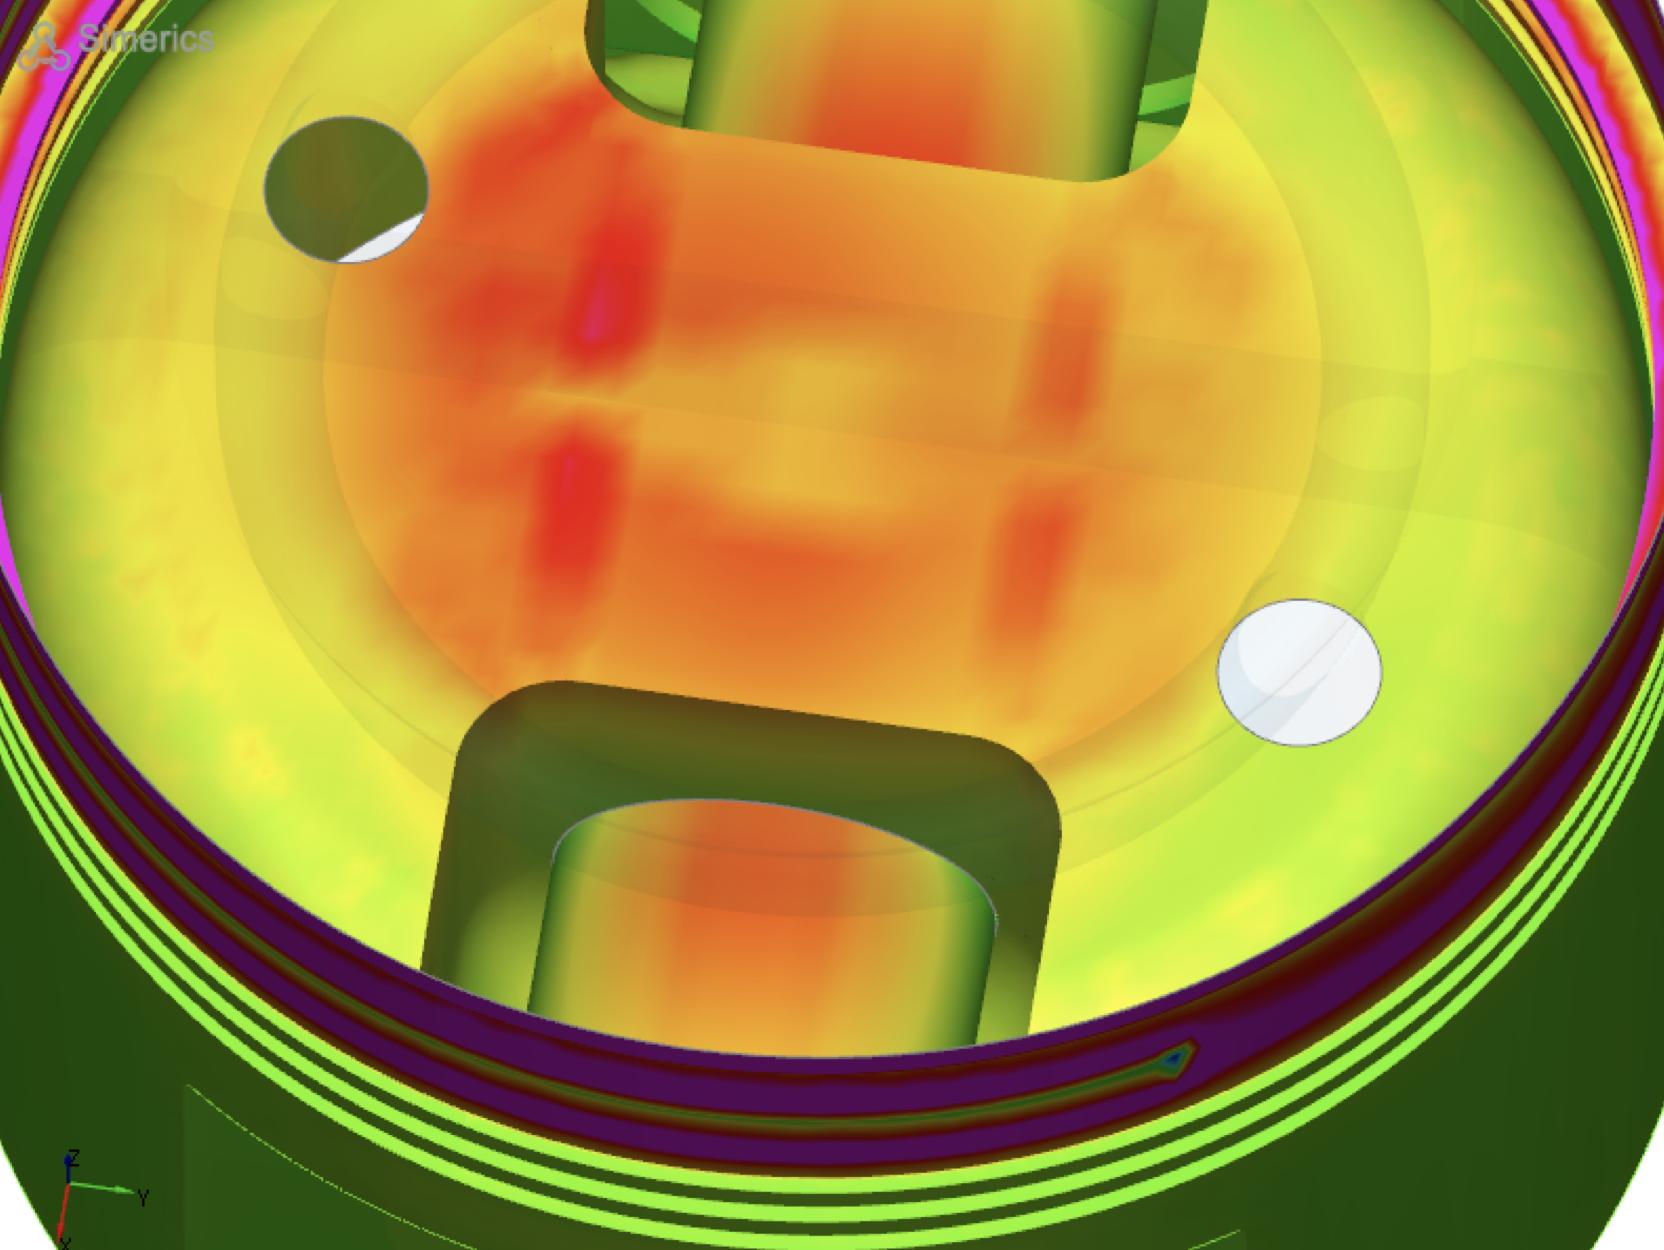 """- Nello studio della termica motore, Simerics Inc ha sviluppato una metodologia per modellare il processo di raffreddamento di un pistone.Questa metodologia comprende un'analisi multifase (aria ed olio) con trasferimento di calore. L'approccio è basato su due modelli numerici:- Analisi transitoria termo-fluidodinamica multifase del dominio fluido comprendente ugello, cilindro, galleria e trafilamenti del pistone.- Analisi stazionaria del solido del pistoneL'accoppiamento tra le due calcoli è implementato tramite una procedura di """"mappatura"""" che esporta sia le temperature locali sia i coefficienti di scambio termico sul pistone e sulle pareti della galleria.La ragione principale per cui viene adottata questa metodologia ciclica, sta nella differente scala temporale tra l'analisi fluidodinamica del liquido di raffreddamento e quella termica nel solido. Si può stimare, infatti che per raggiungere la stabilità termica del pistone siano necessari più di mille giri motore (in media; il dato è funzione della geometria del pistone e delle condizioni di funzionamento del motore). L'analisi stazionaria è quindi utilizzata per lo studio termico del solido ed è accoppiata ad una simulazione transitoria, fluidodinamica che copre un ciclo del pistone.Sono necessari dai 10 ai 20 cicli per raggiungere la convergenza con questa metodologia.Una descrizione completa della metodologia è disponibile in formato pdf a questo link: PIstonCoolingExample.pdf"""